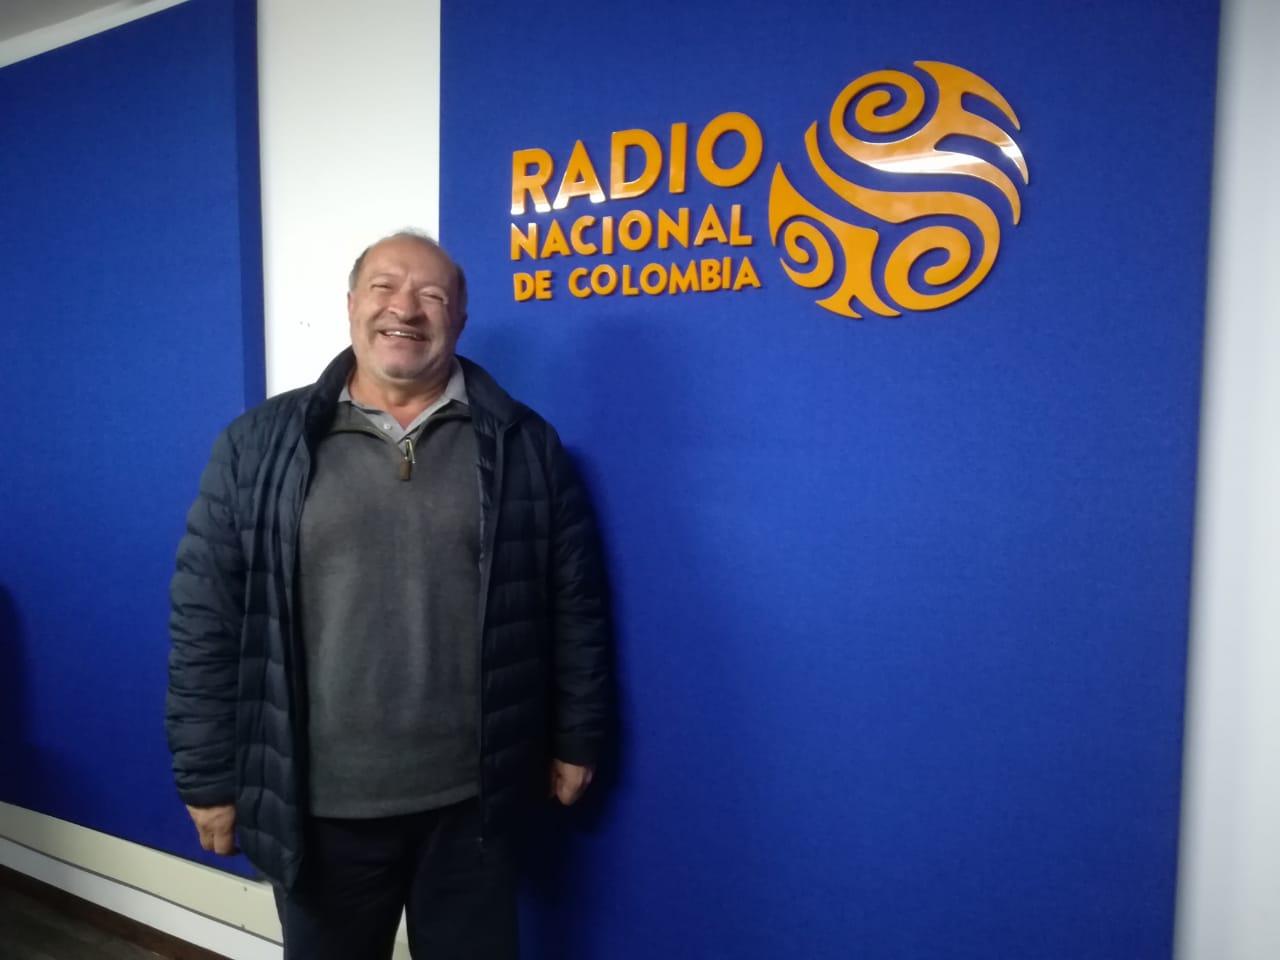 Foto: Radio Nacional de Colombia Manizales.